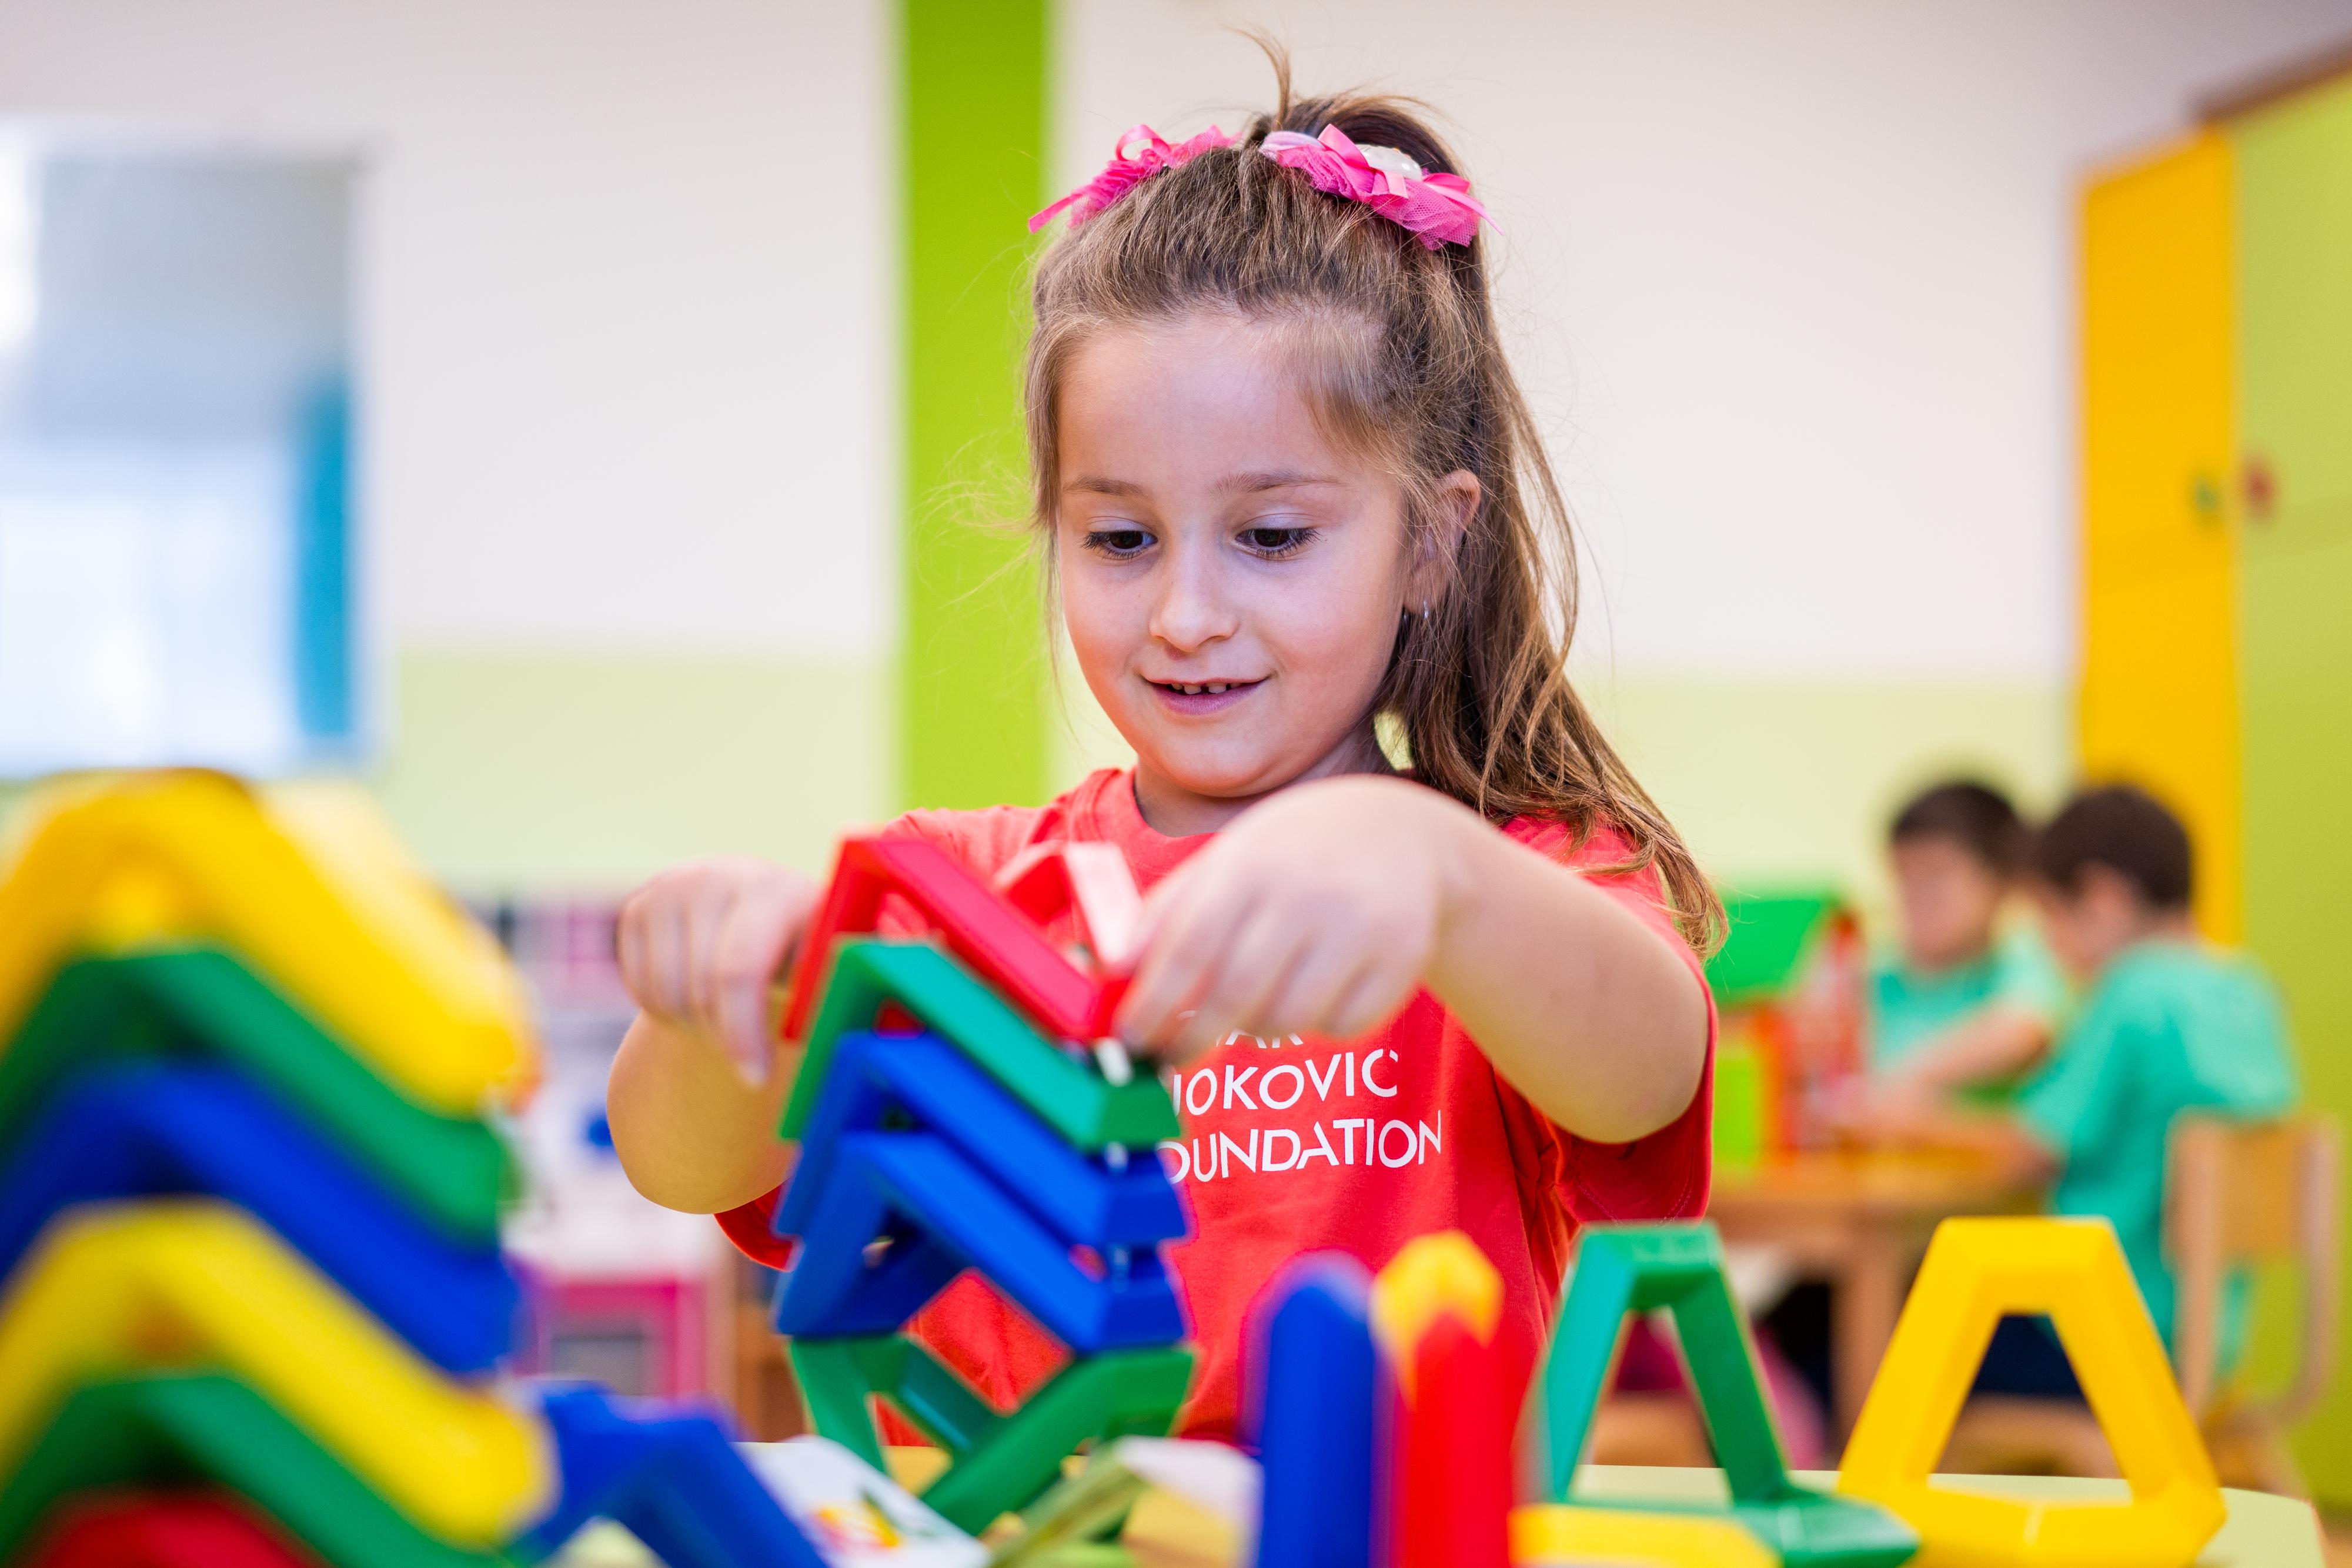 Prvih nekoliko godina (od 0 do 5, tačnije) smatraju se formativnim godinama deteta, periodom u njihovom životu kada je razvoj mozga najbrži.Zato je važno da predškolsko obrazovanje bude visokog kvaliteta, jer će to svakako uticati na razvoj mozga vašeg deteta i oblikovati ga u pojedinca u koga će odrasti.